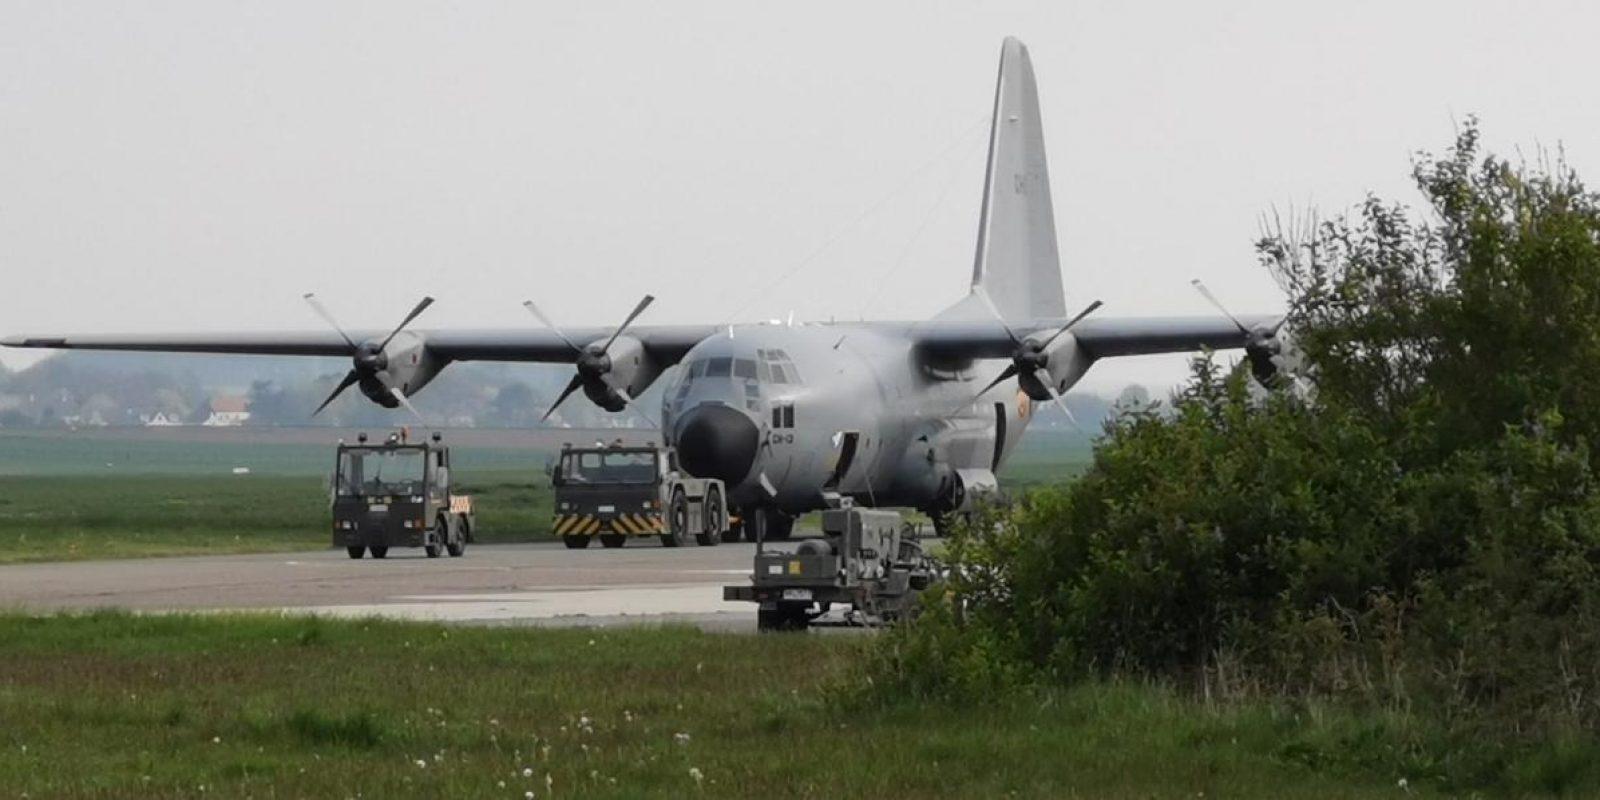 Le vendredi 30 avril, le CH-13 est tracté vers son emplacement d'exposition au 1WHC. (Photo Louis Bladt)